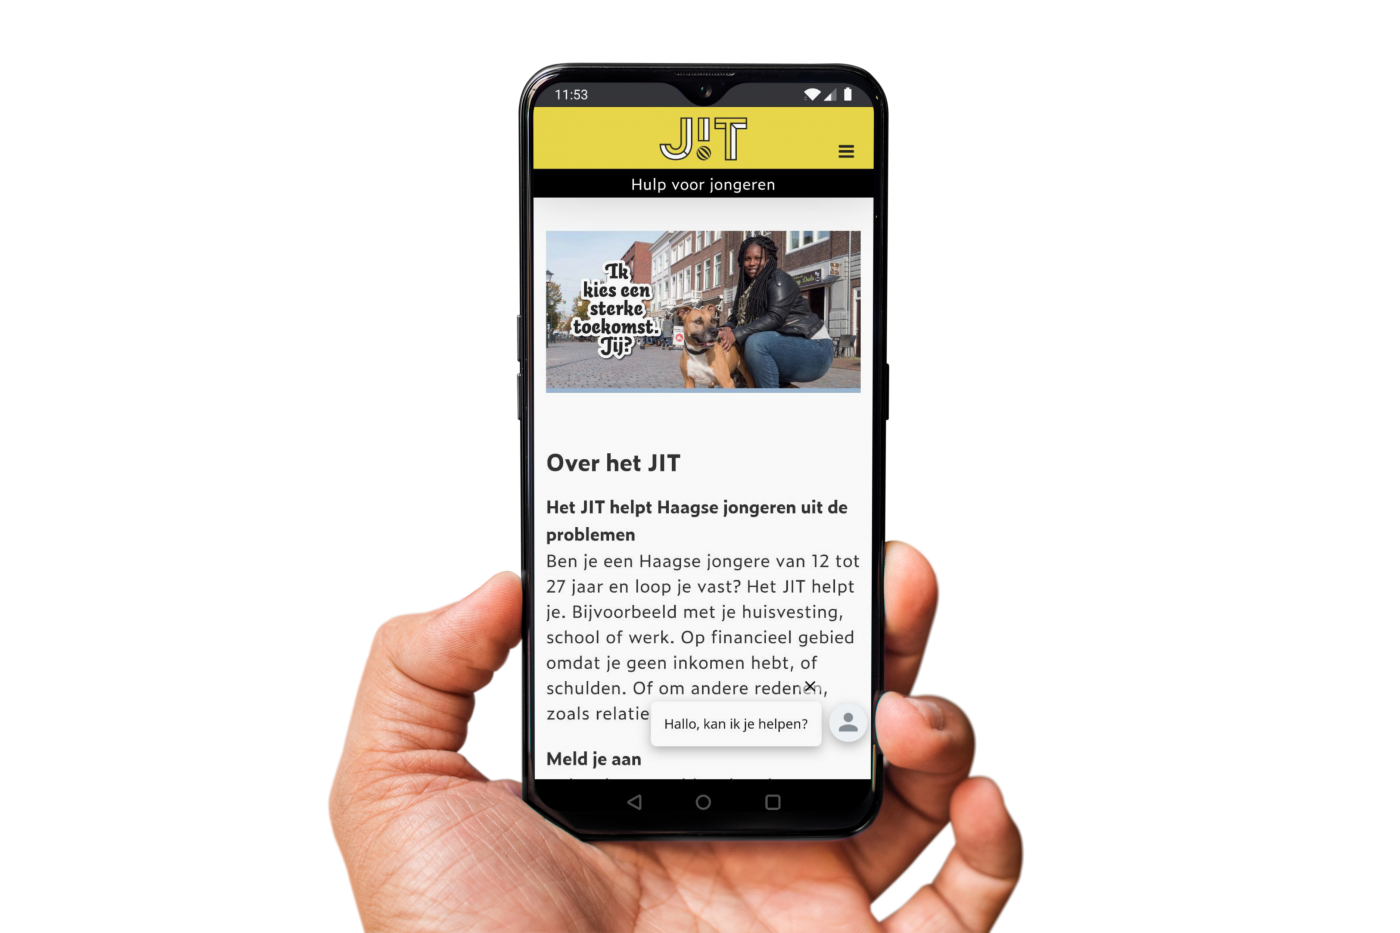 Het JIT mobiele website